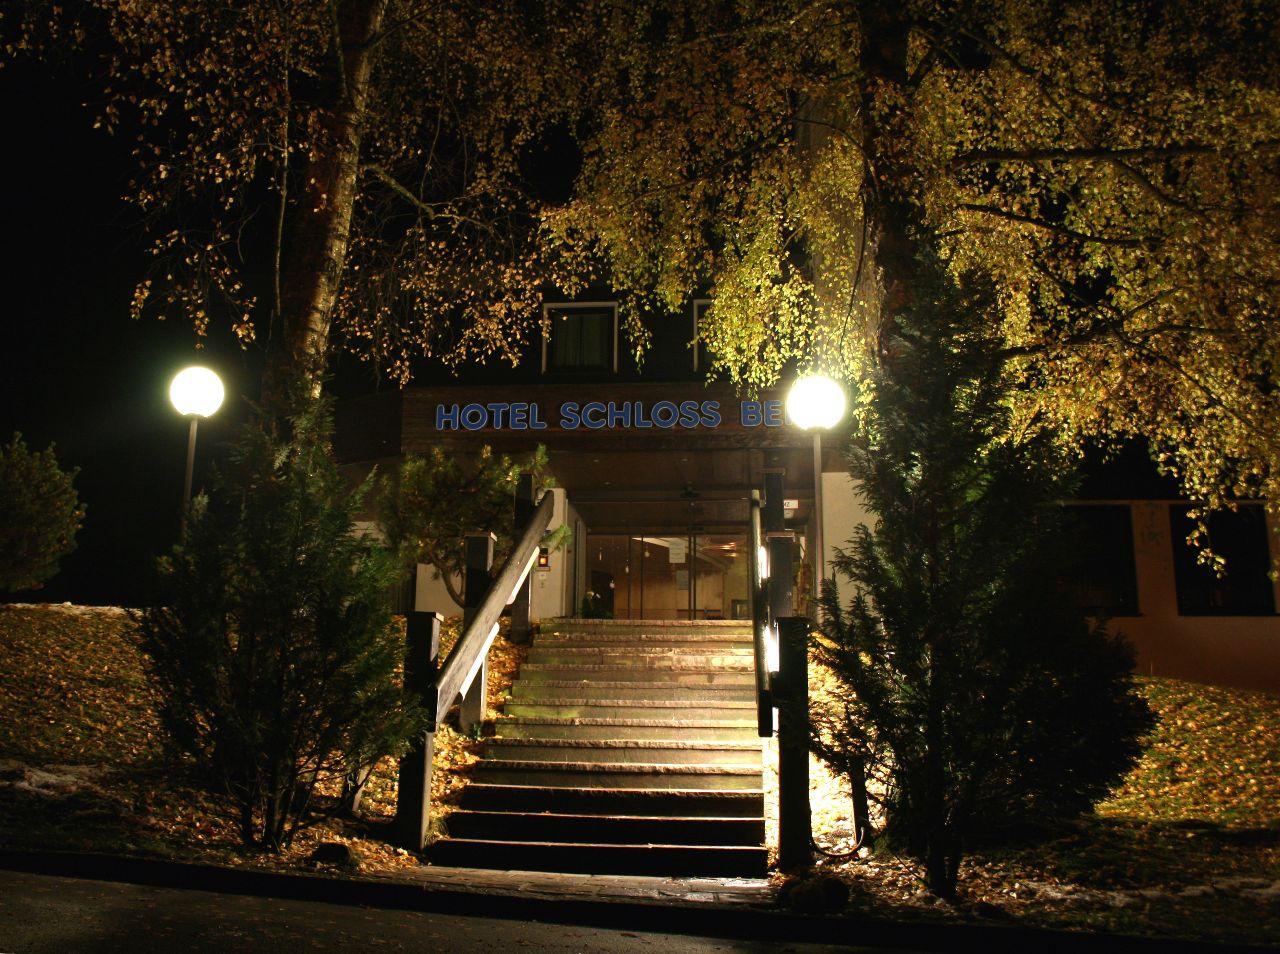 Hotel Schloss Berg Eingang